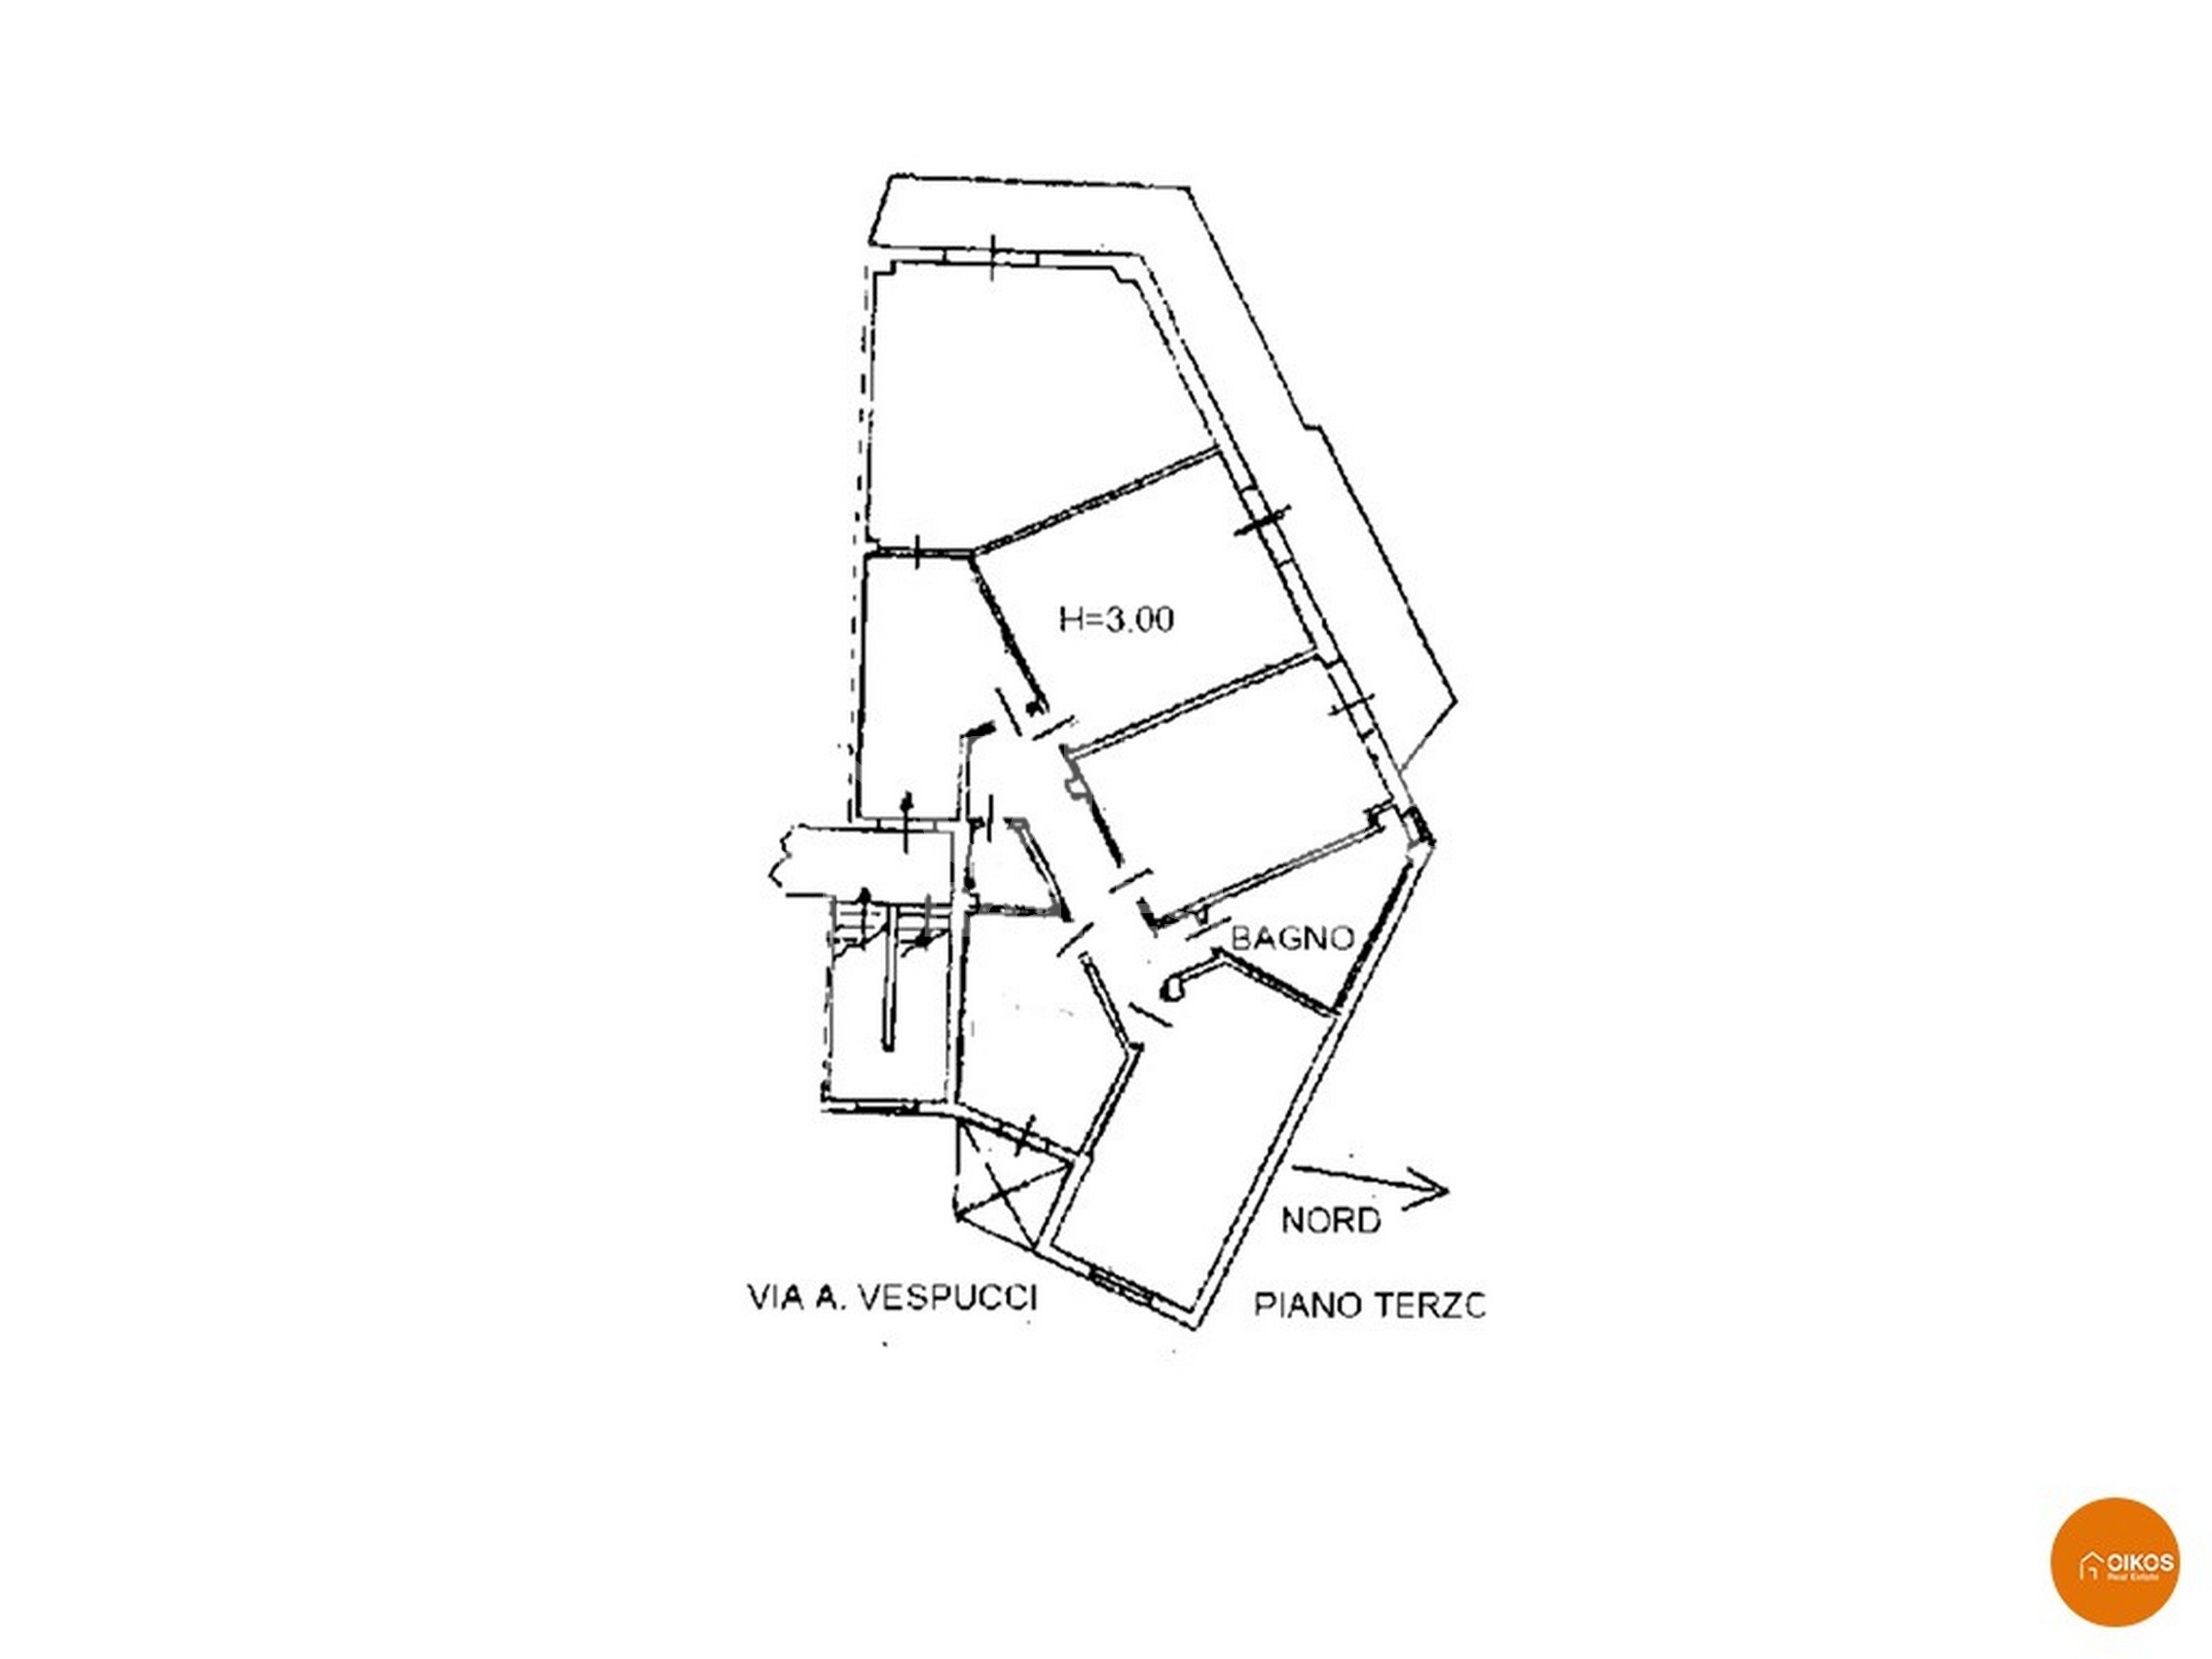 Appartamento con ascensore in via Vespucci planimetria